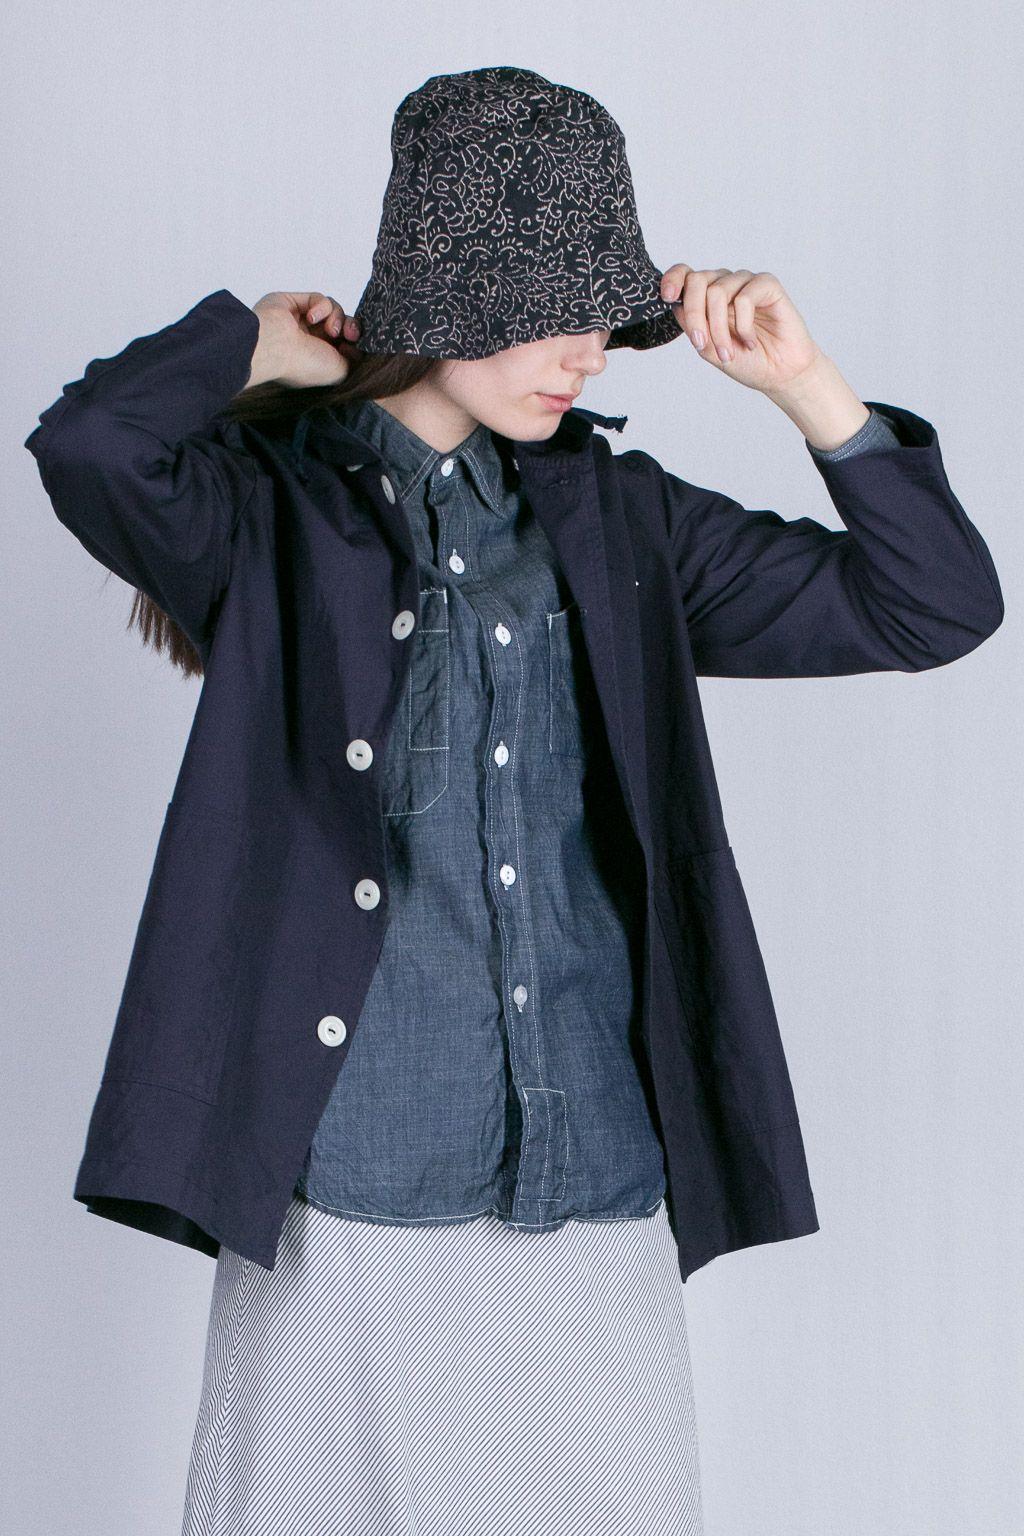 Engineered Garments Bucket Hat - Navy Paisley Twill  d1caac2f2c38